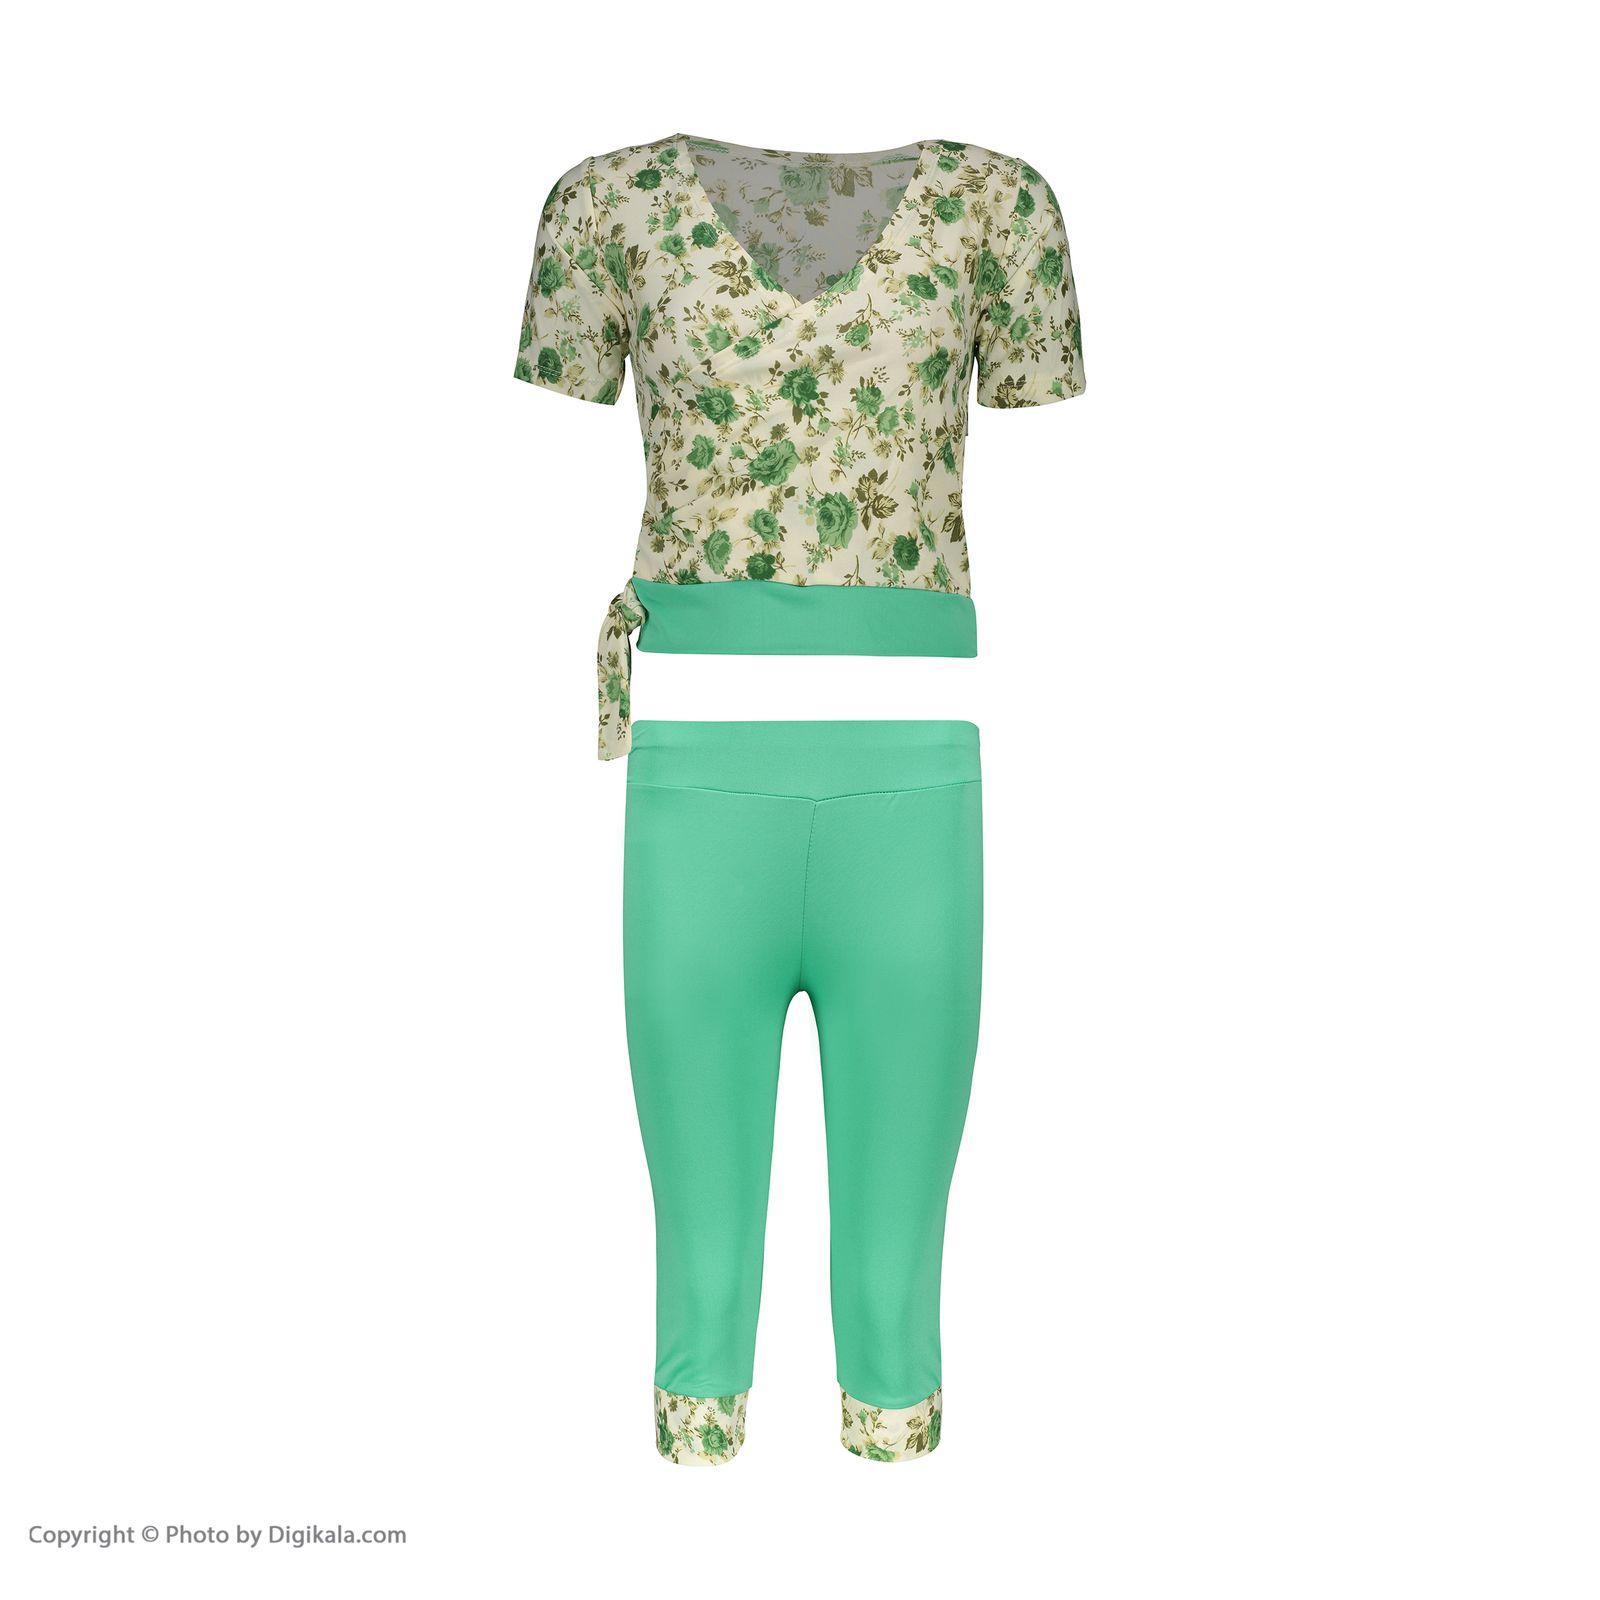 ست تی شرت و شلوارک زنانه کد 004 -  - 8